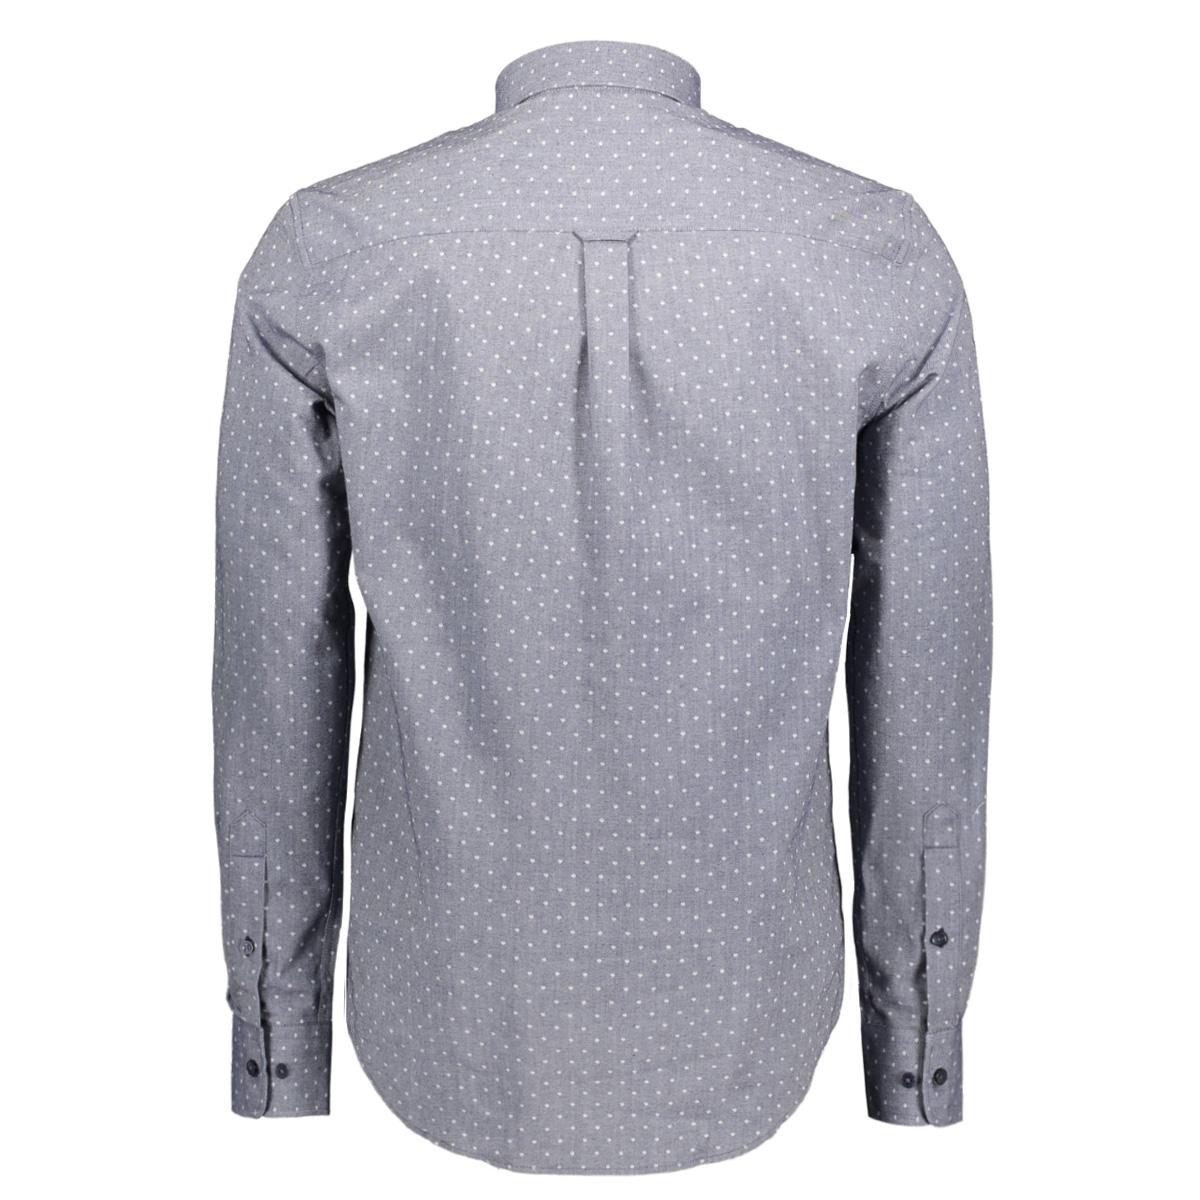 30202293 matinique overhemd 20210 dark navy